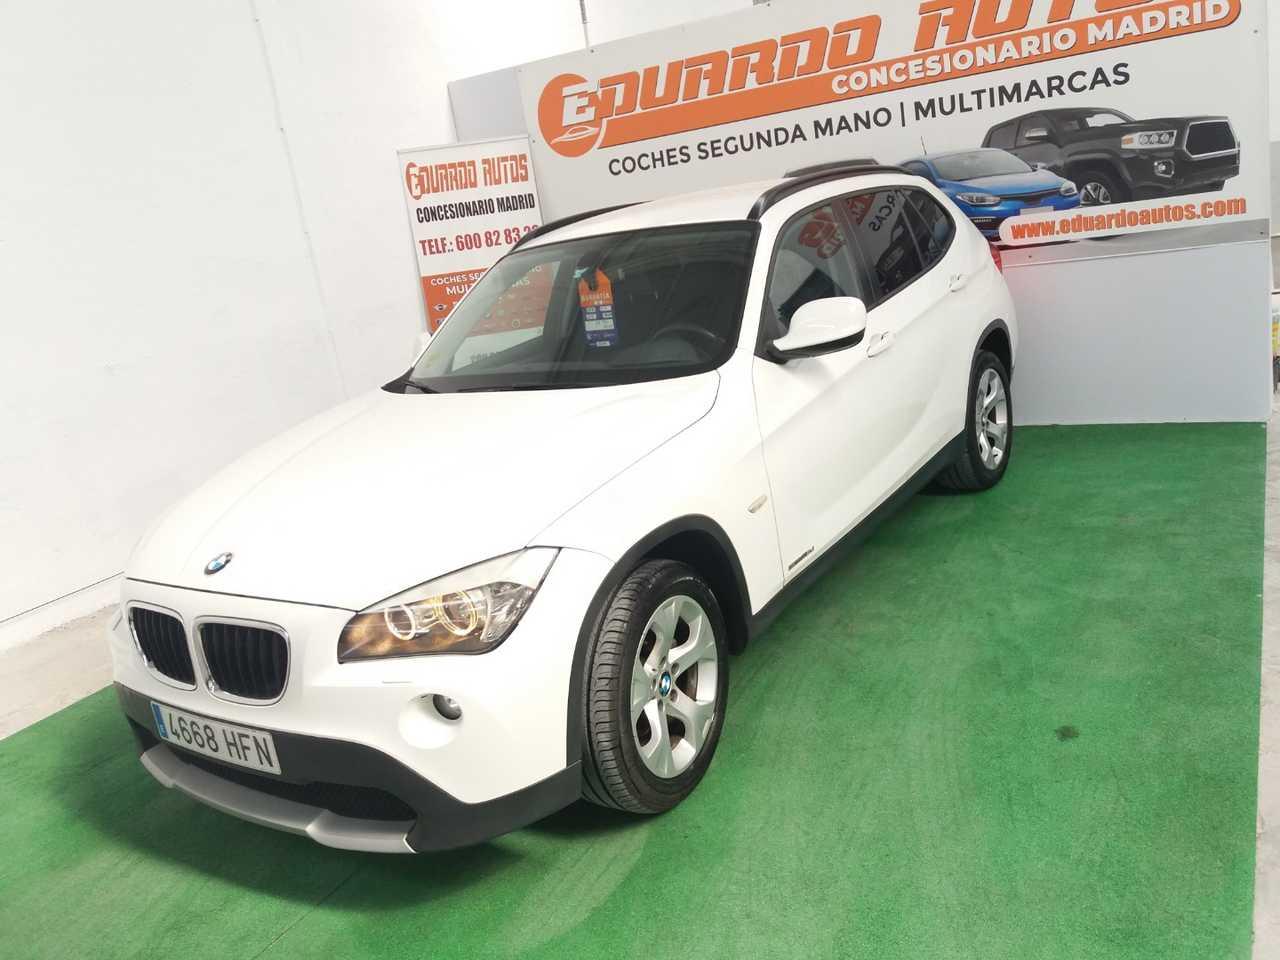 BMW X1 1.8 s drive   - Foto 1